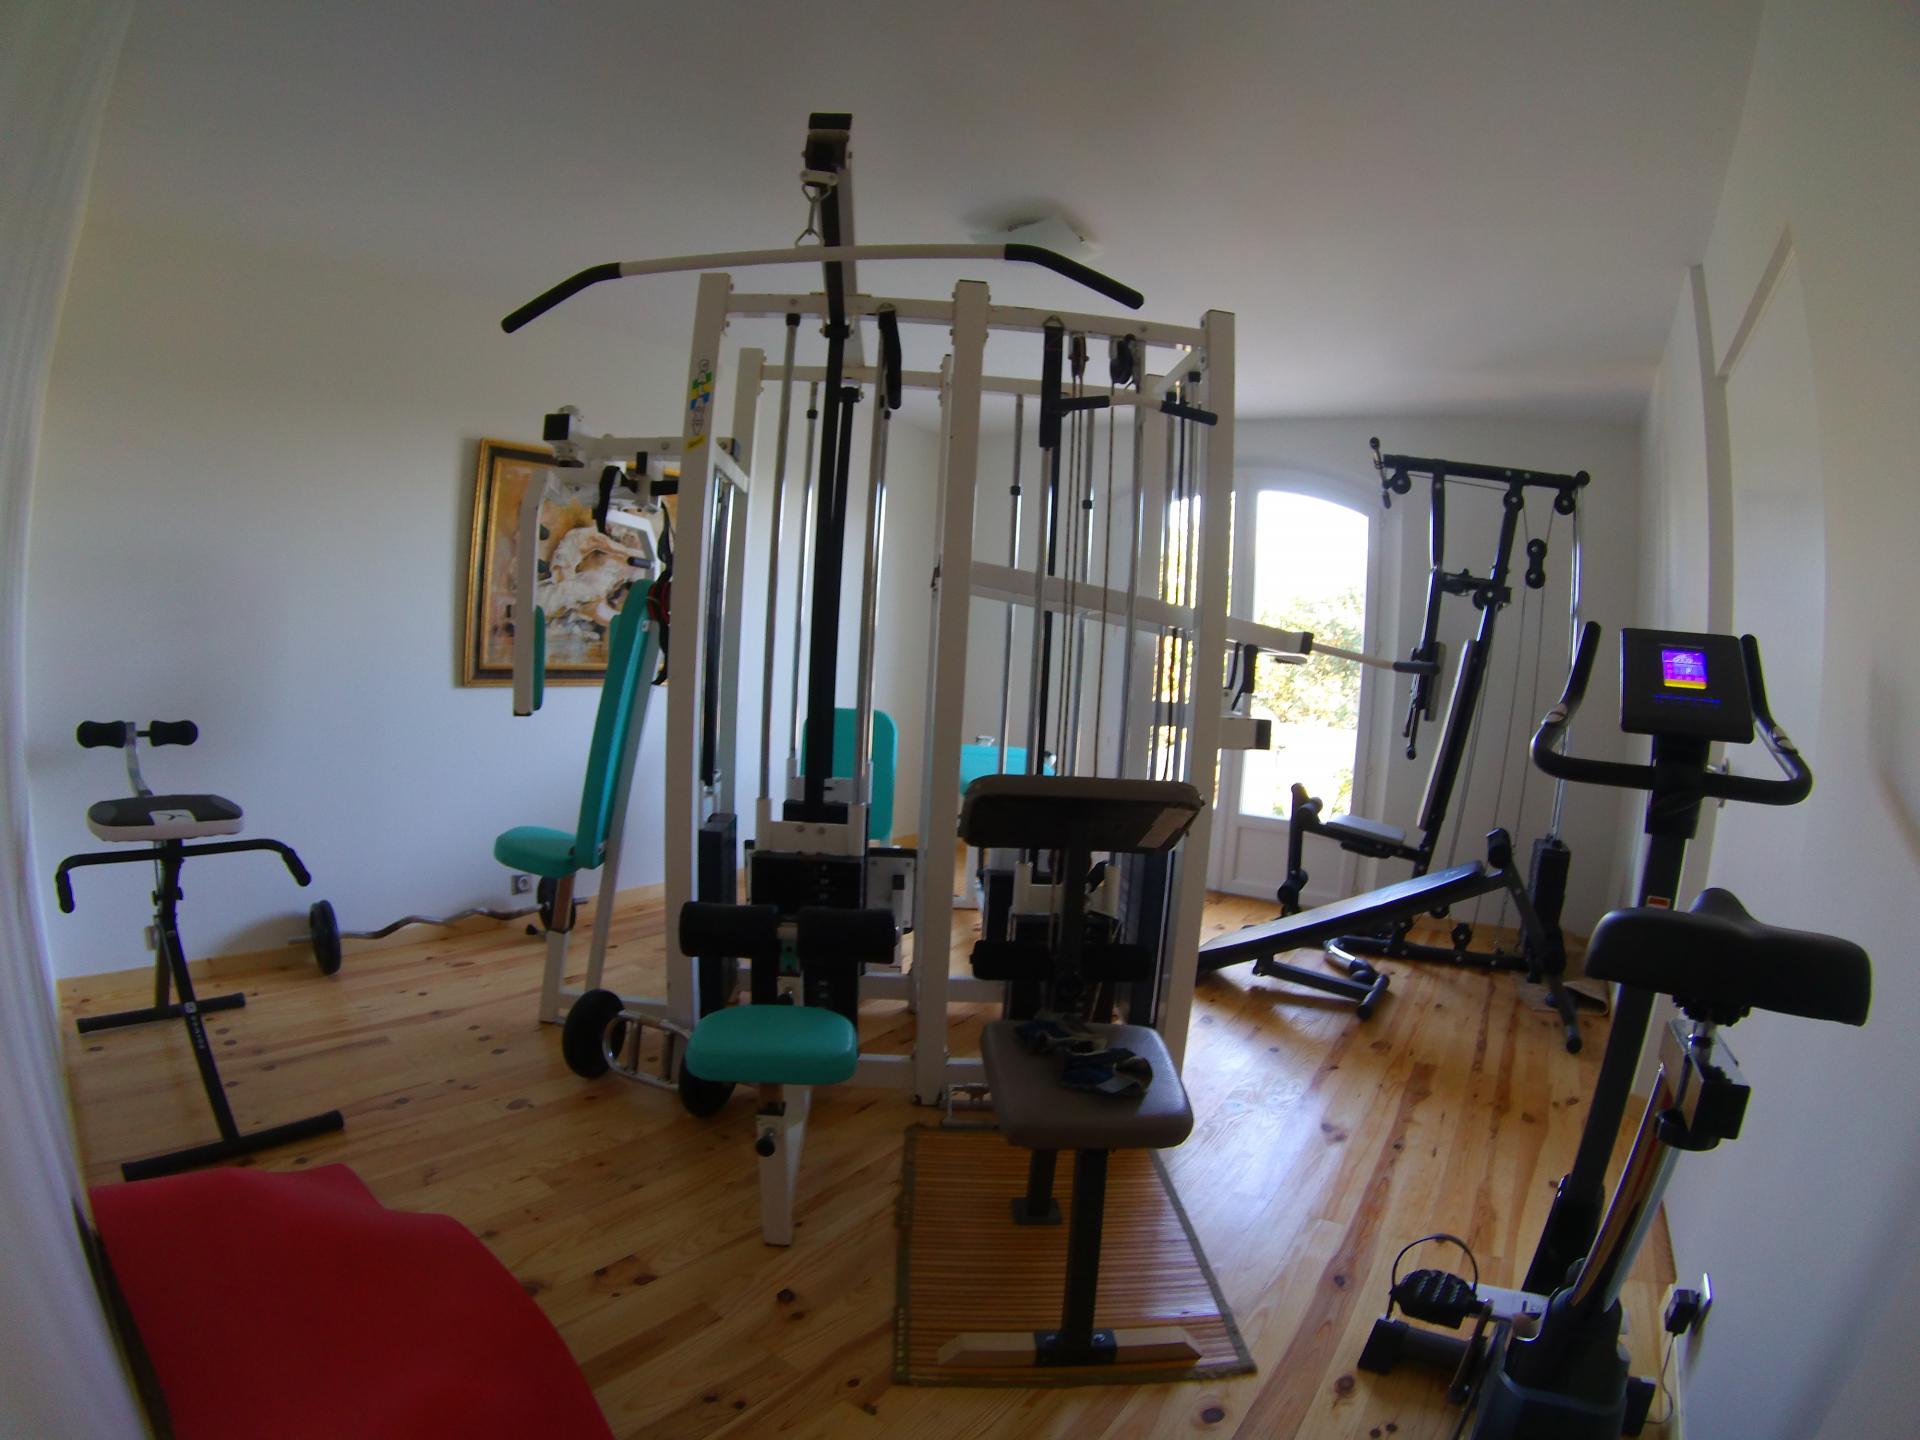 salle de sport avec appareil assisté 6 faces, vélo training